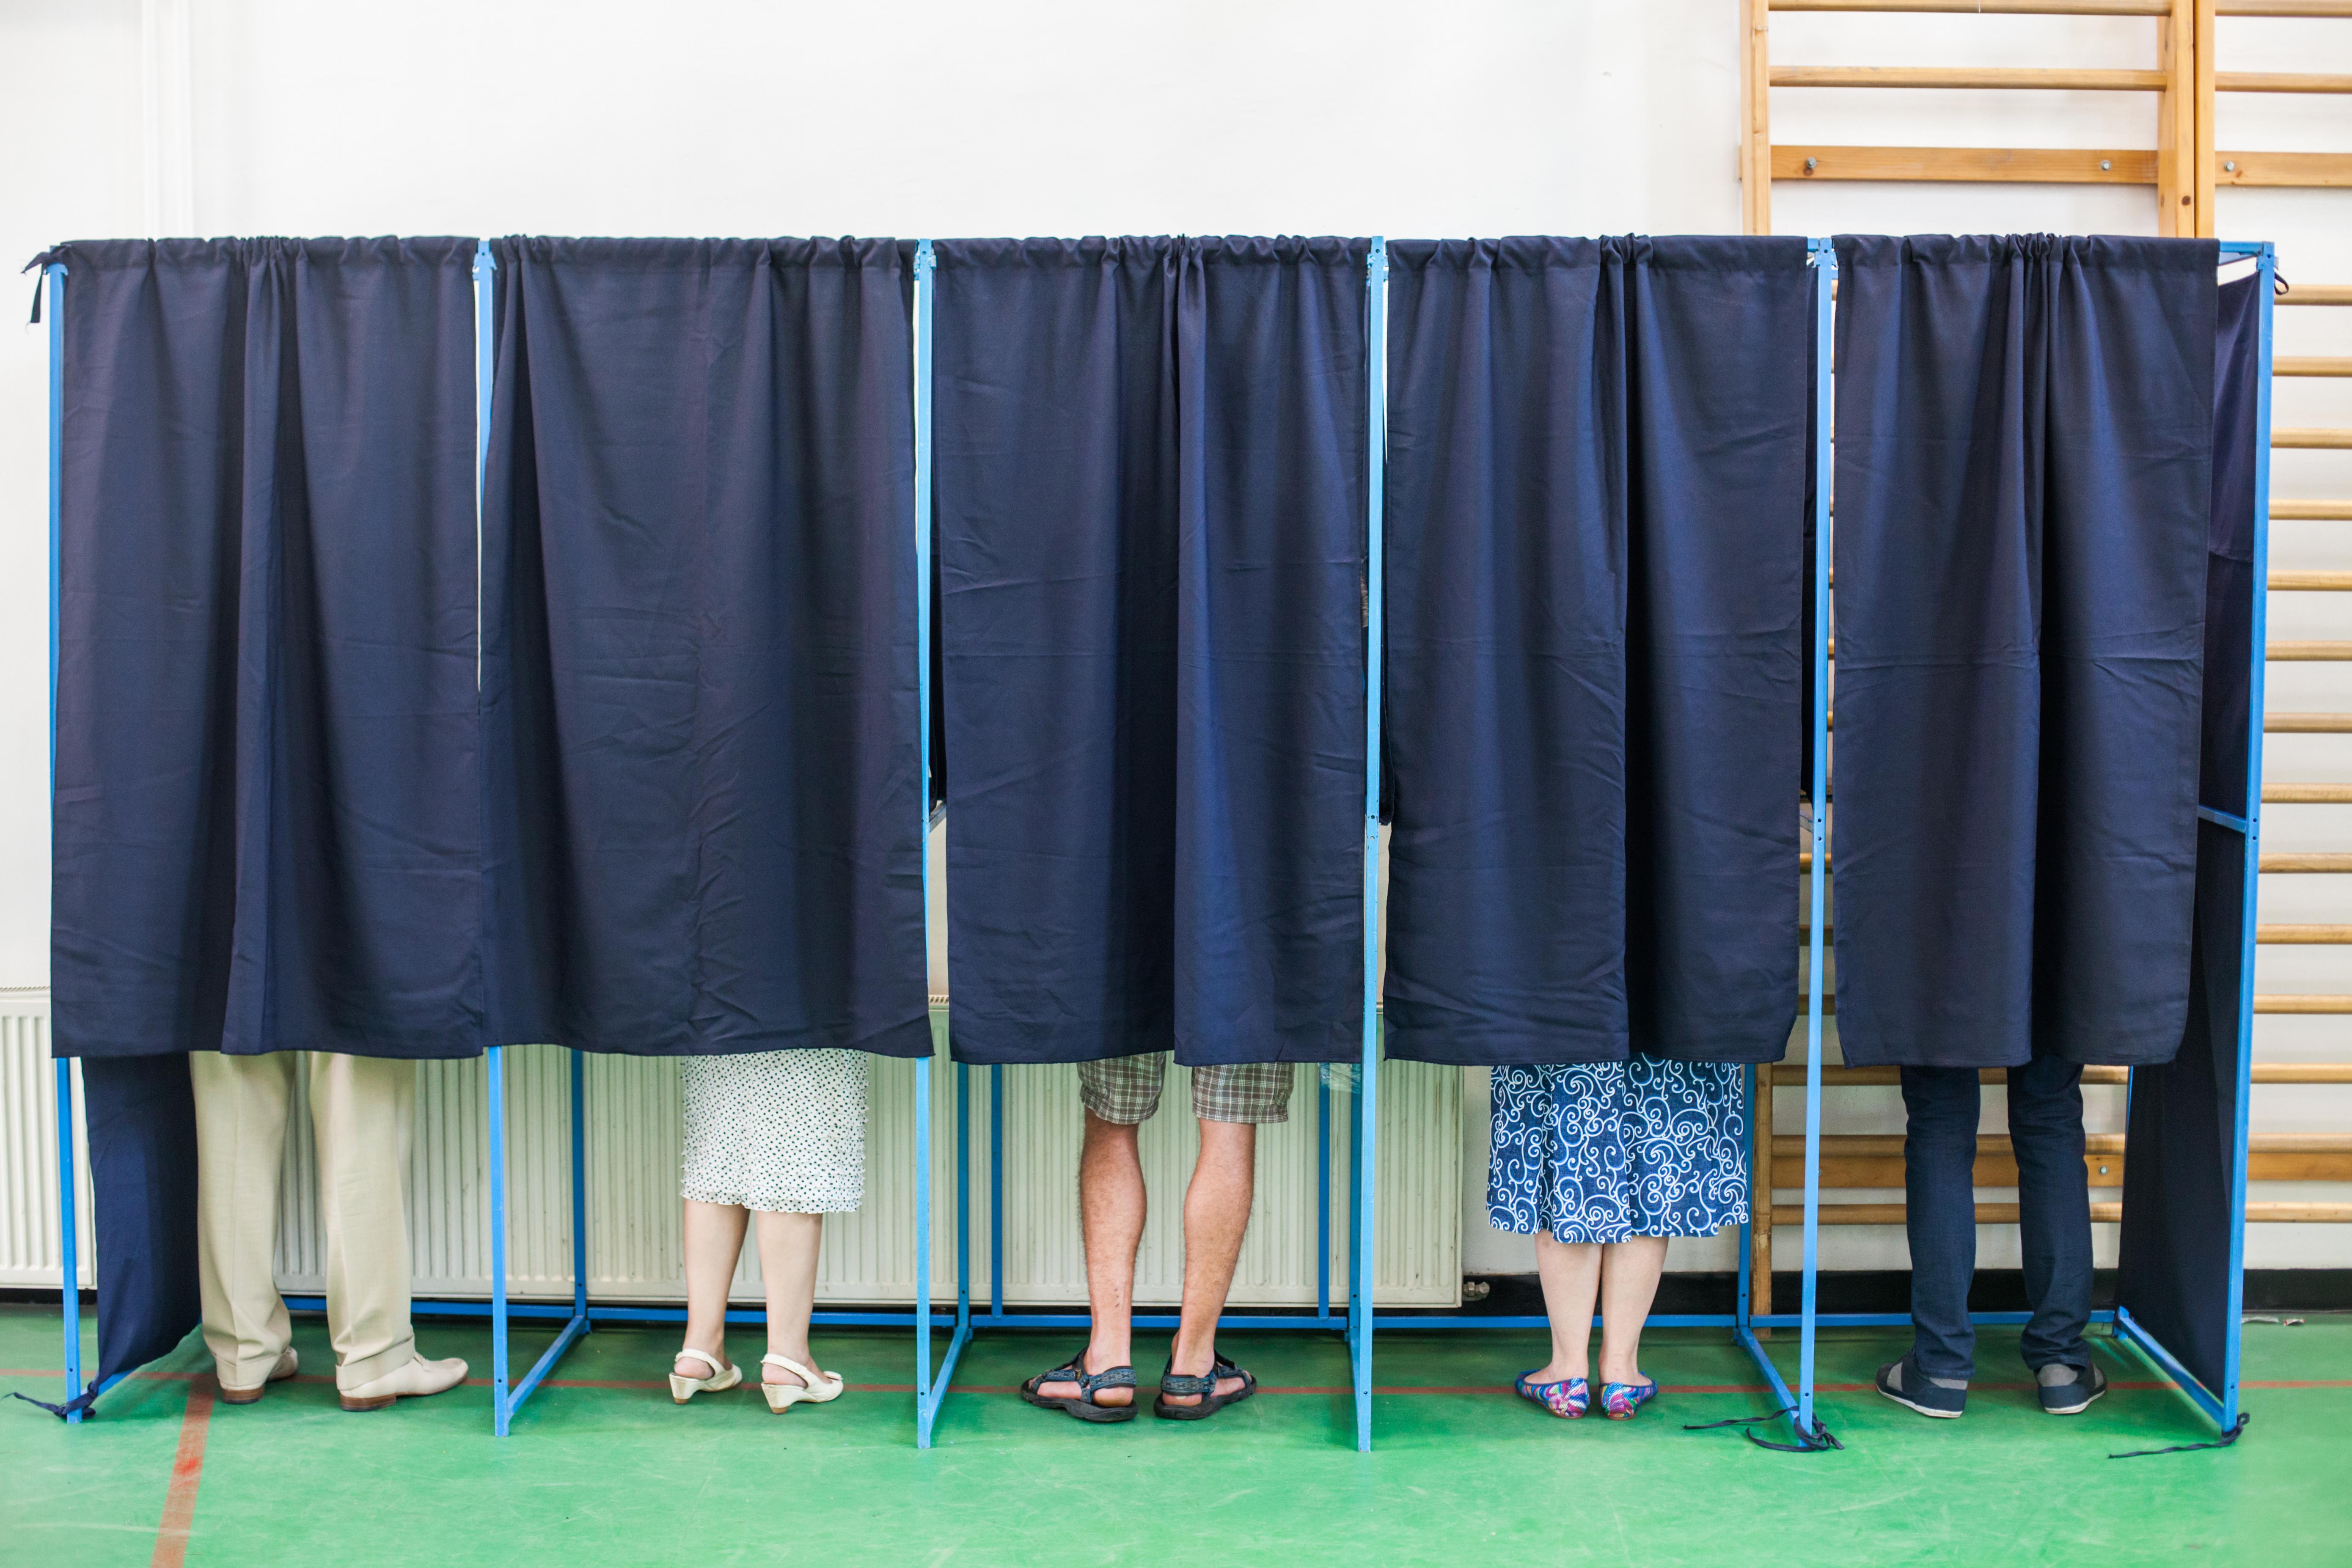 Les votes blancs ne seront pas pris en compte aux prochaines élections